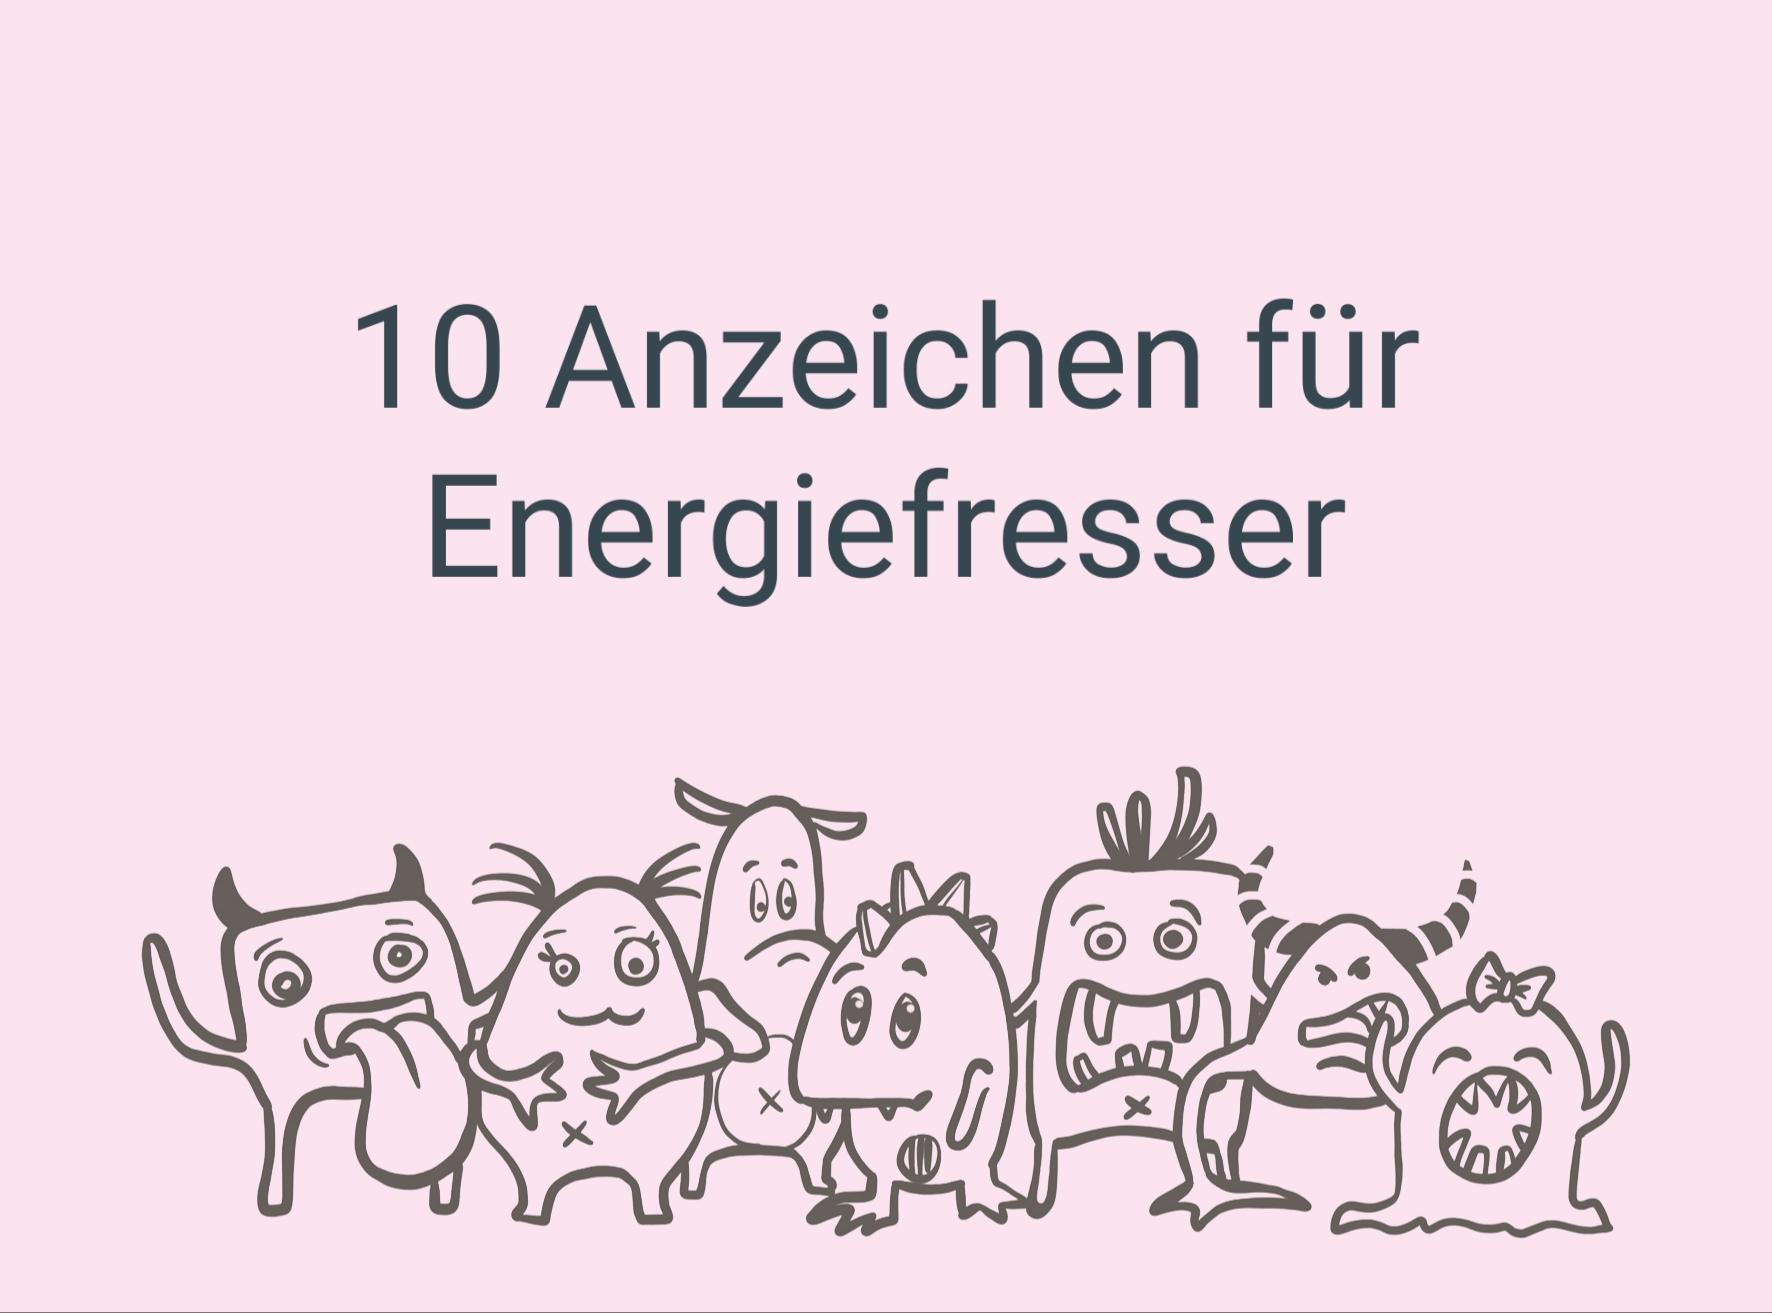 10 Anzeichen für Energiefresser